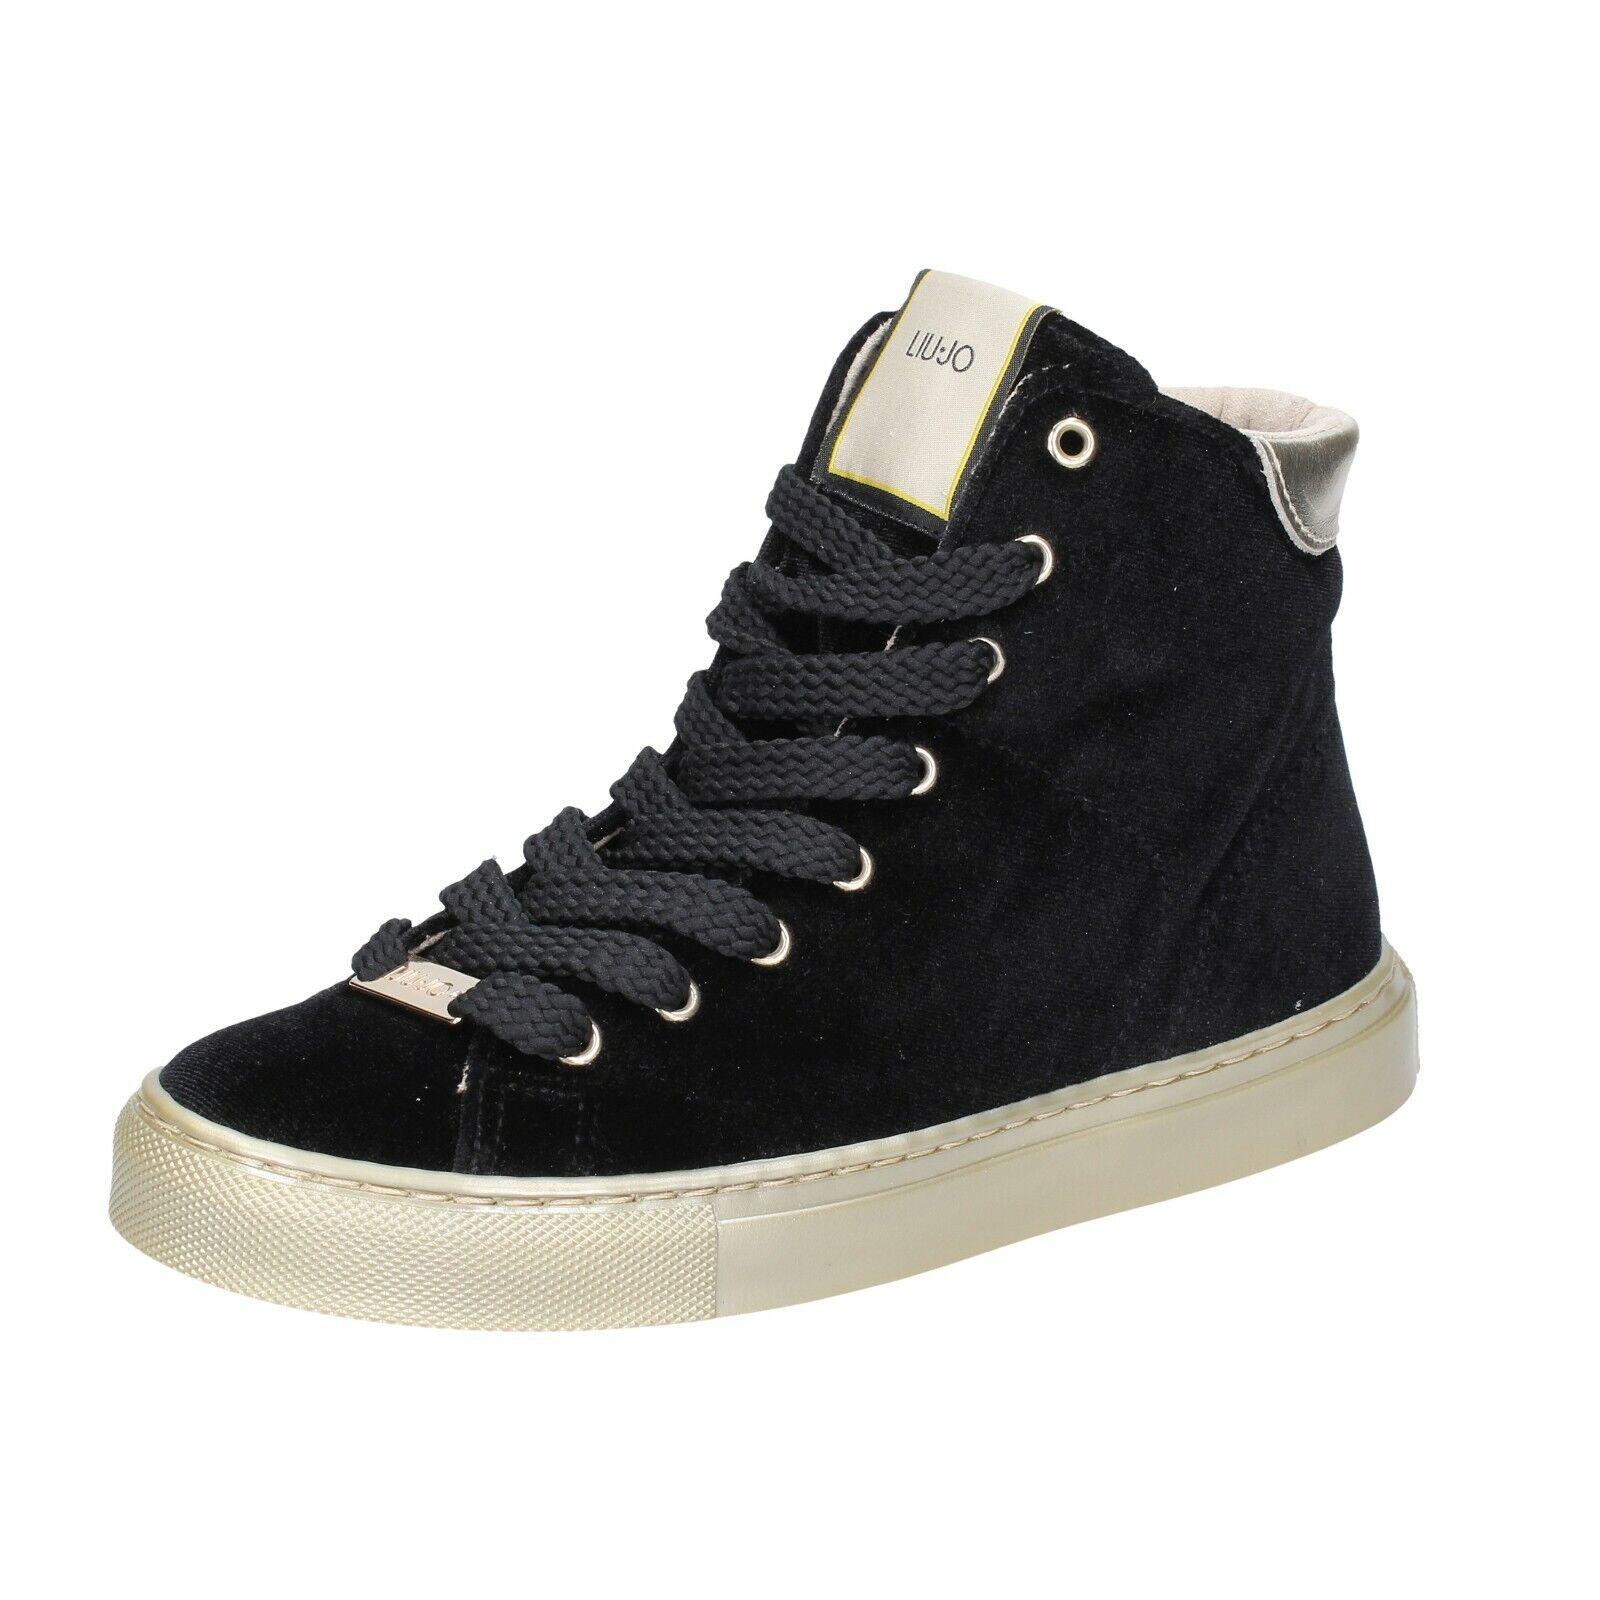 Scarpe donna LIU JO 35 EU scarpe da ginnastica nero velluto BS659-35